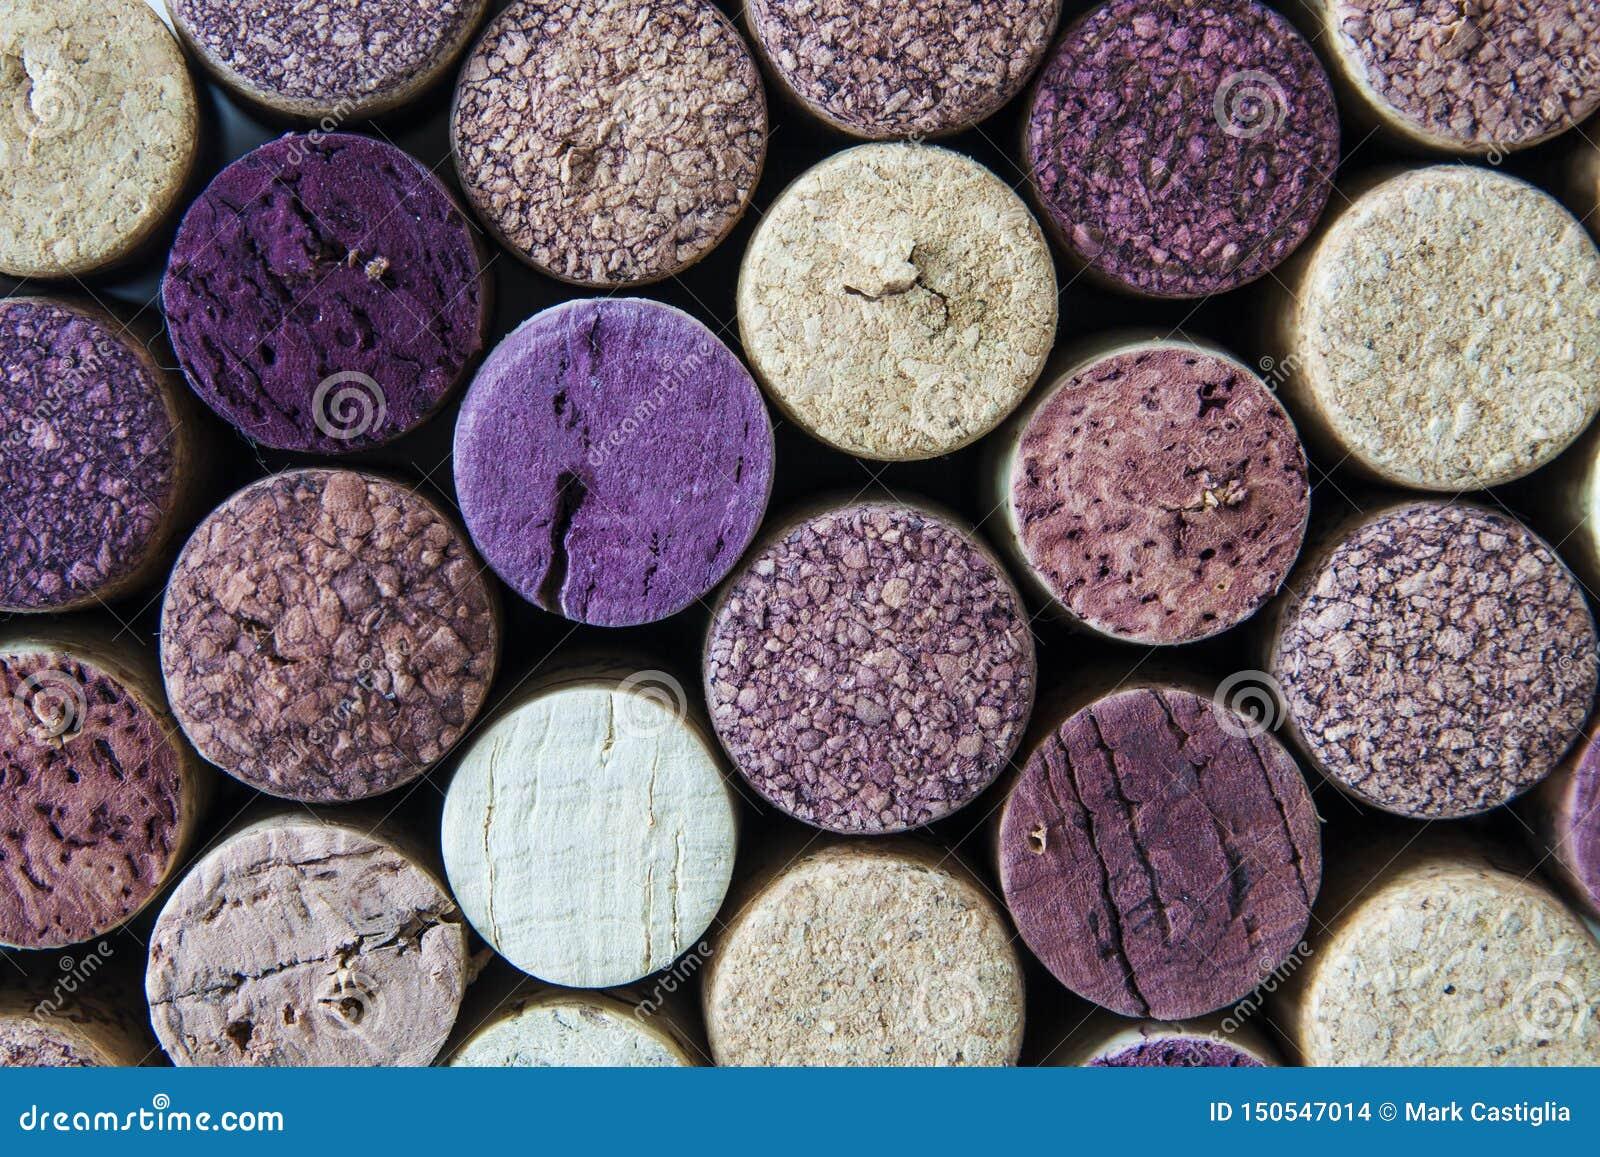 Macro view of used wine bottle corks